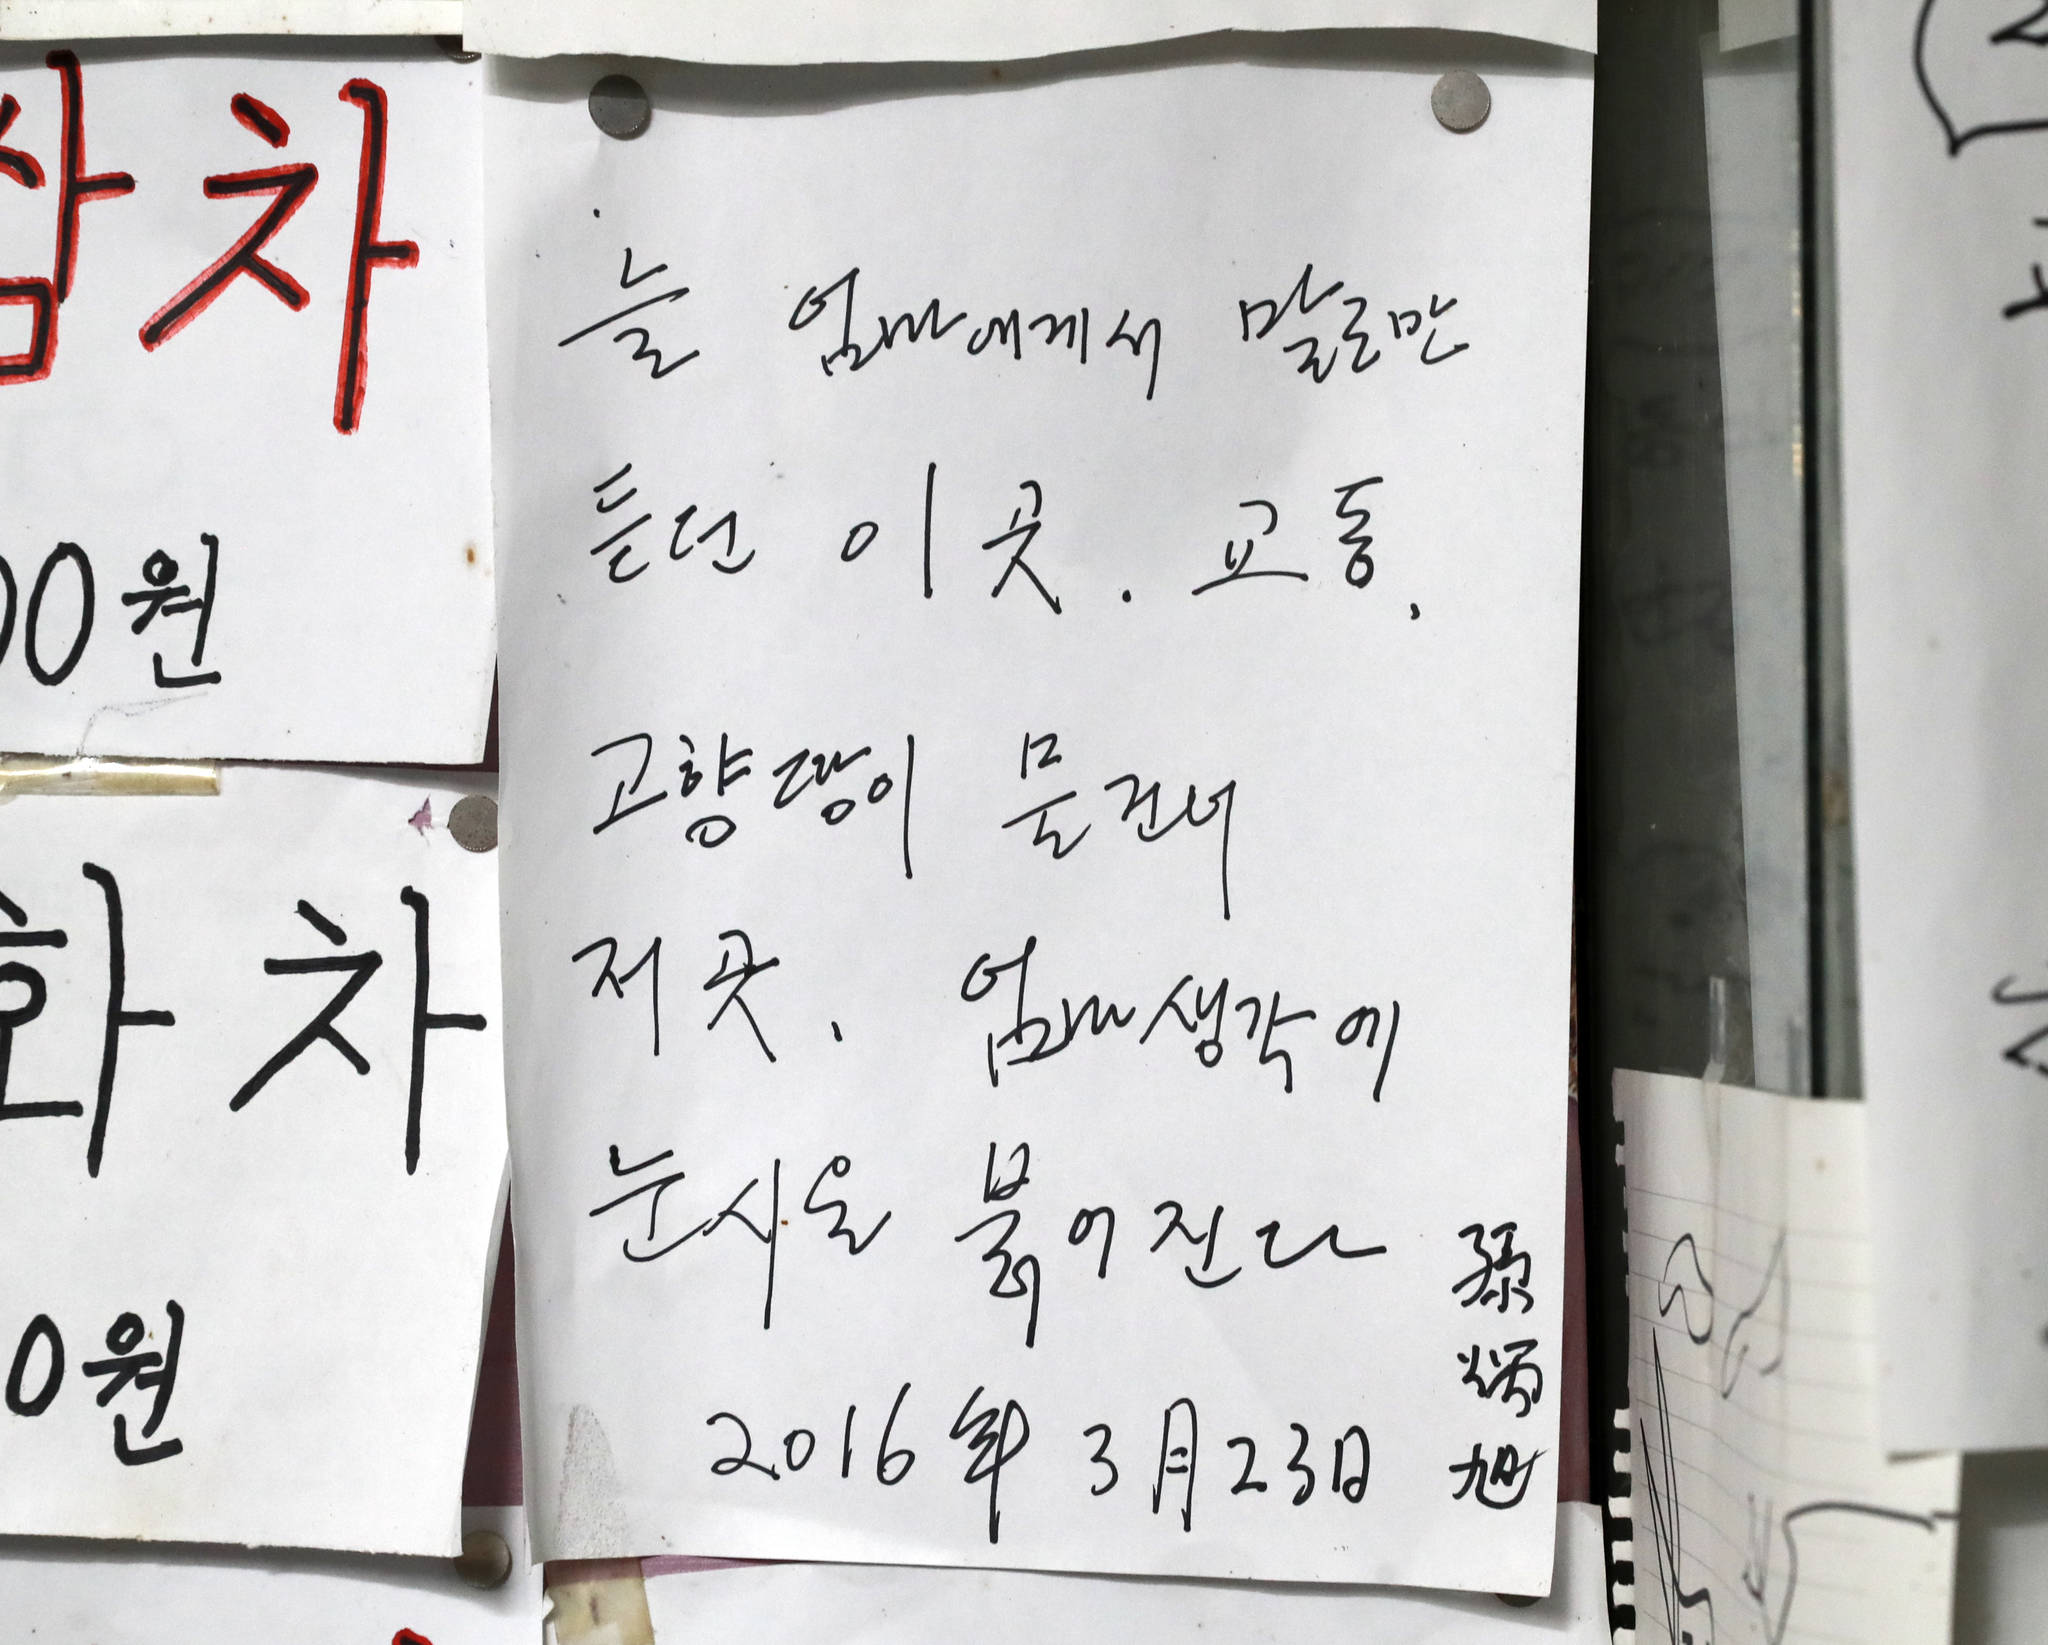 28일 경기도 인천 강화 교동도 교동다방 내부에 일반인들이 붙여놓은 사연들이 가득하다. 임현동 기자